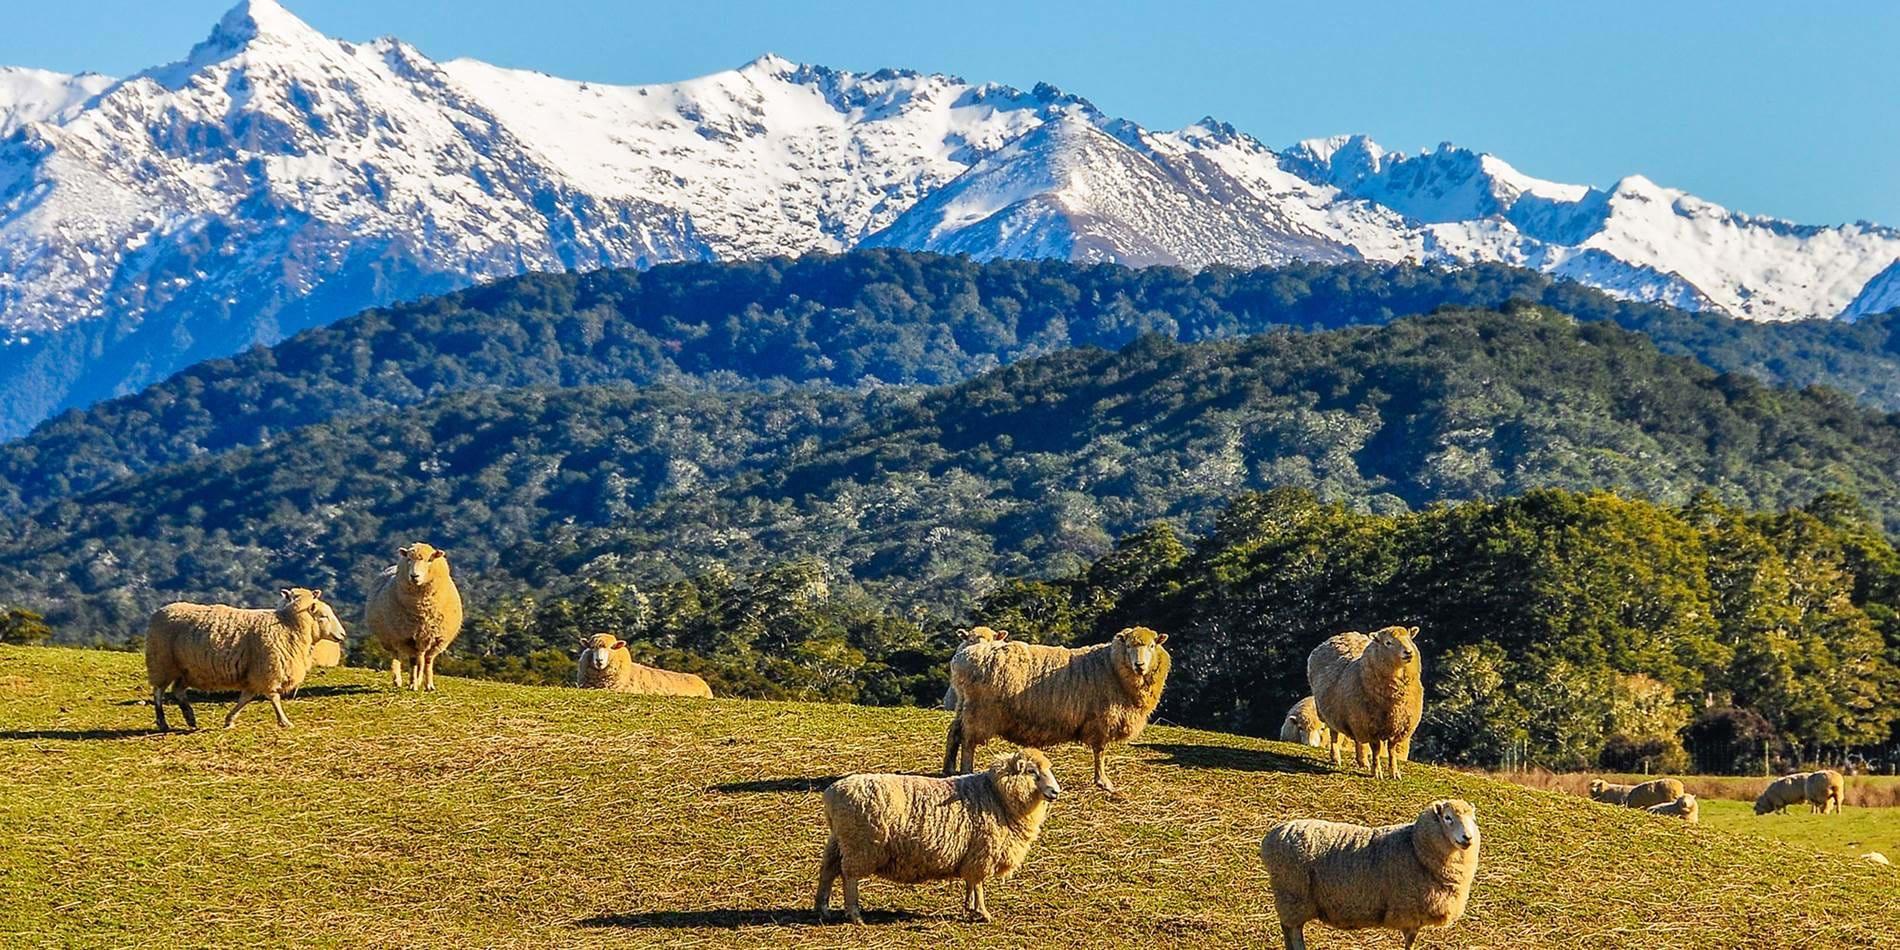 紐西蘭,圖片取自www.kilroy.net。